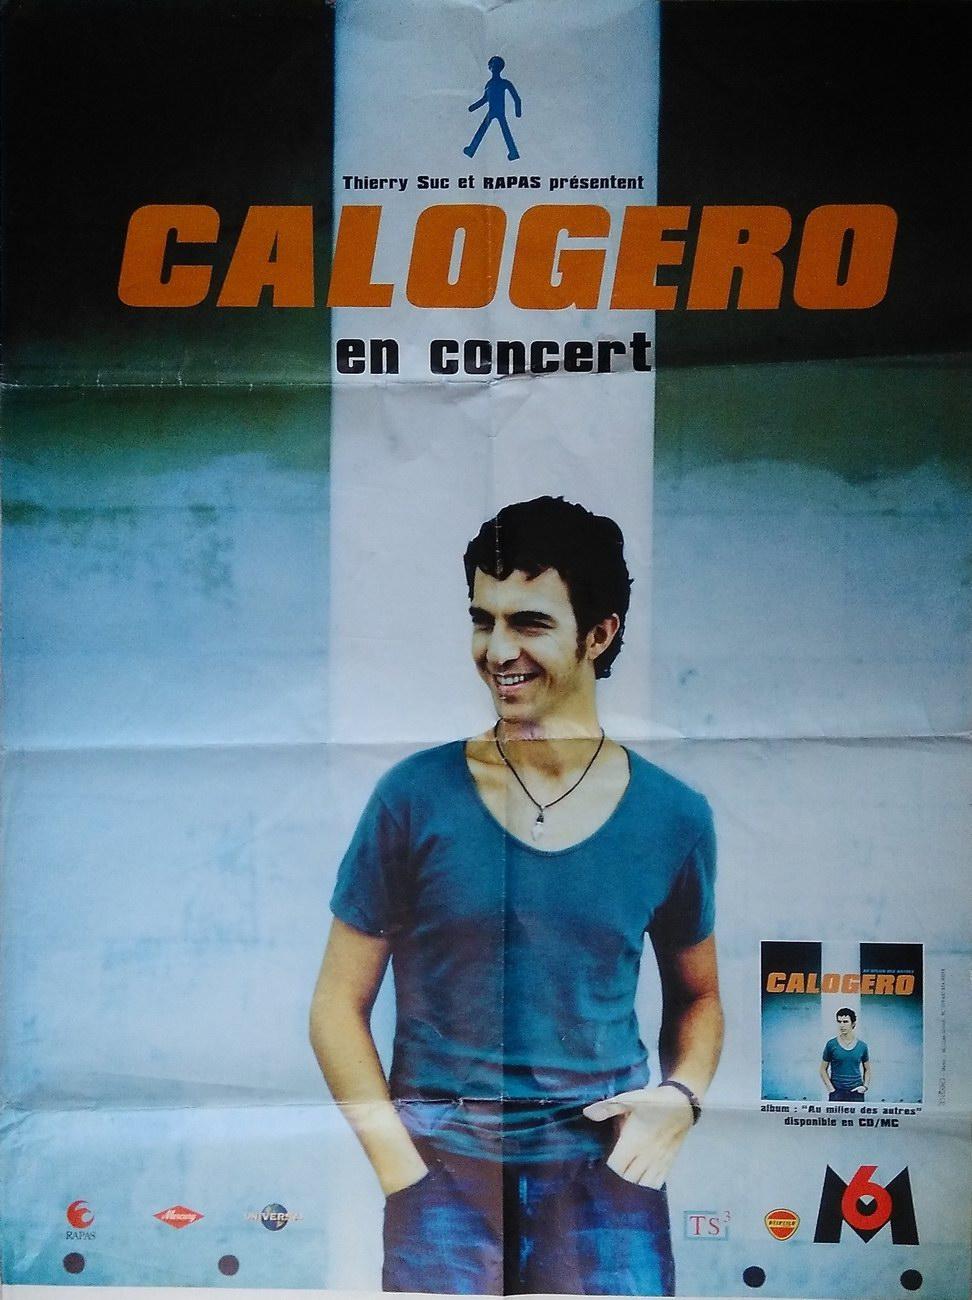 Affiche de la tournée de Calogero Au Milieu des autres Tour 2000/2001